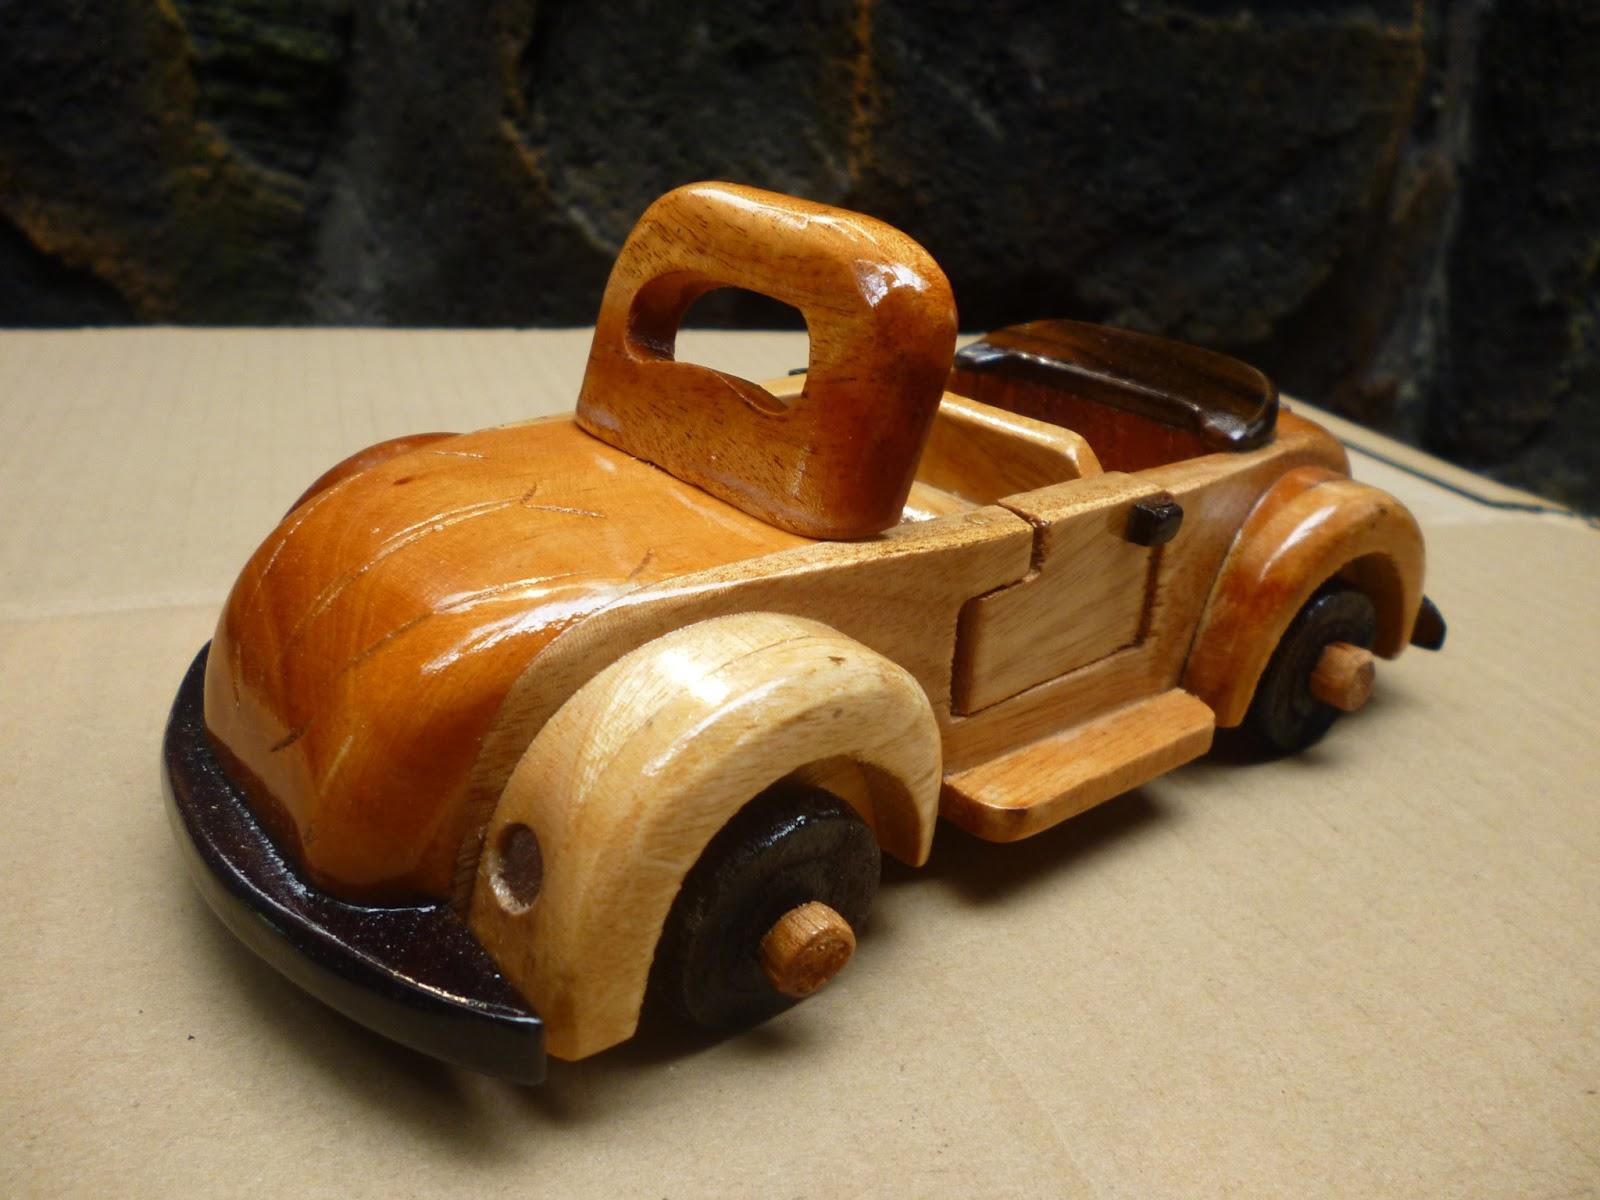 Produk Kerajinan Kayu Antik Miniatur Vw